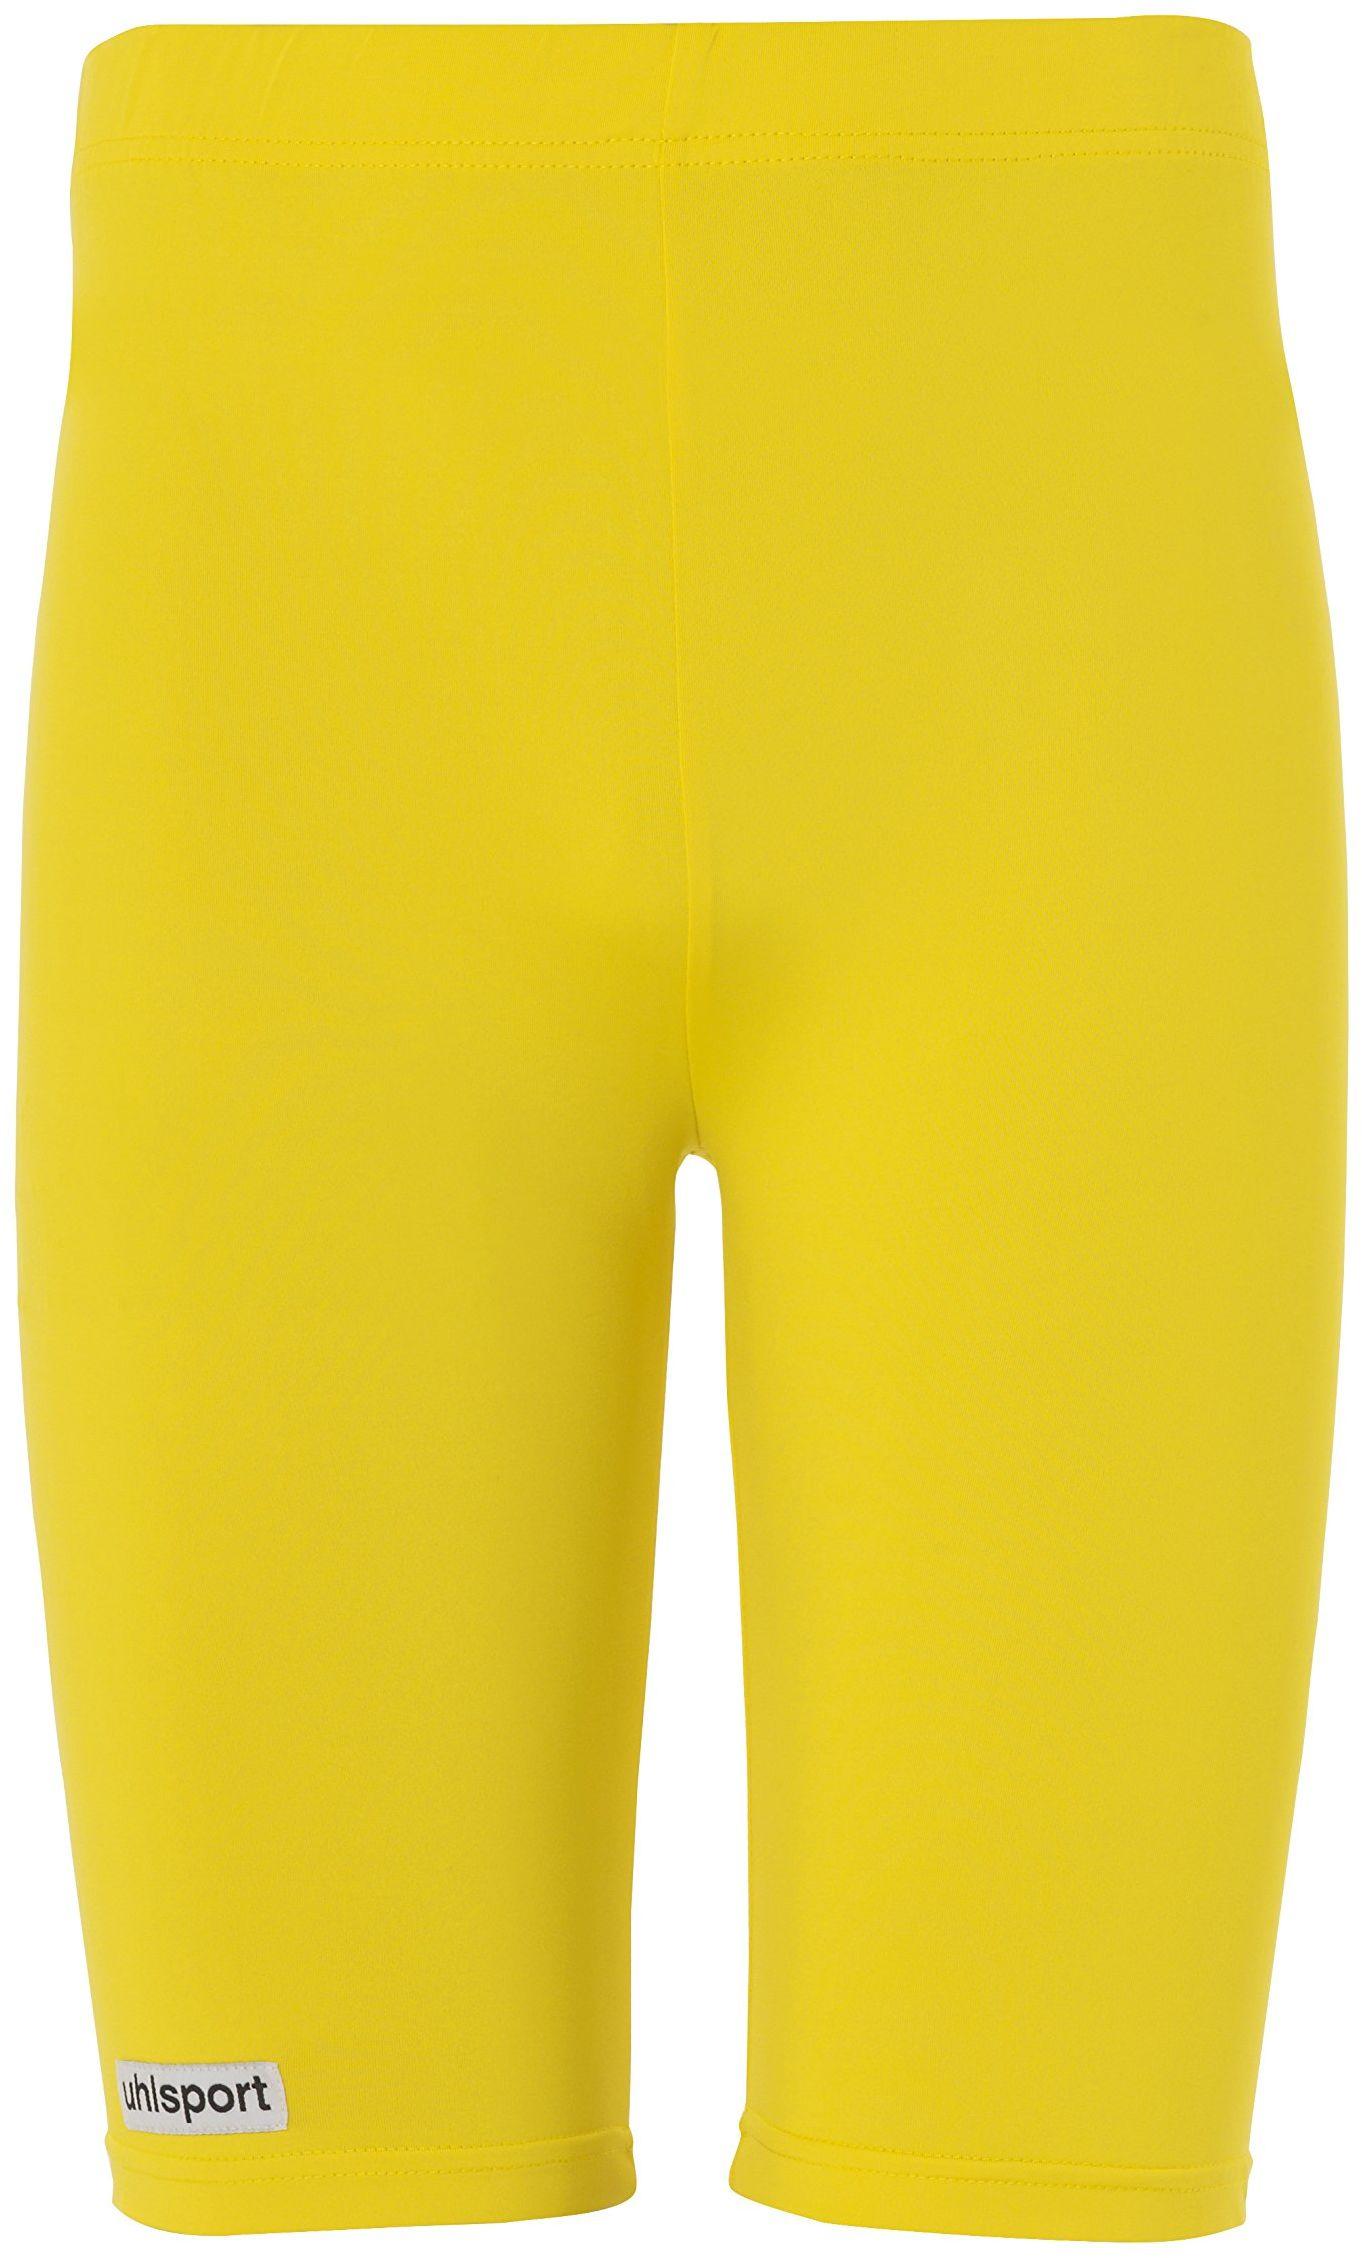 uhlsport odzież sportowa spodnie męskie, żółte, XS